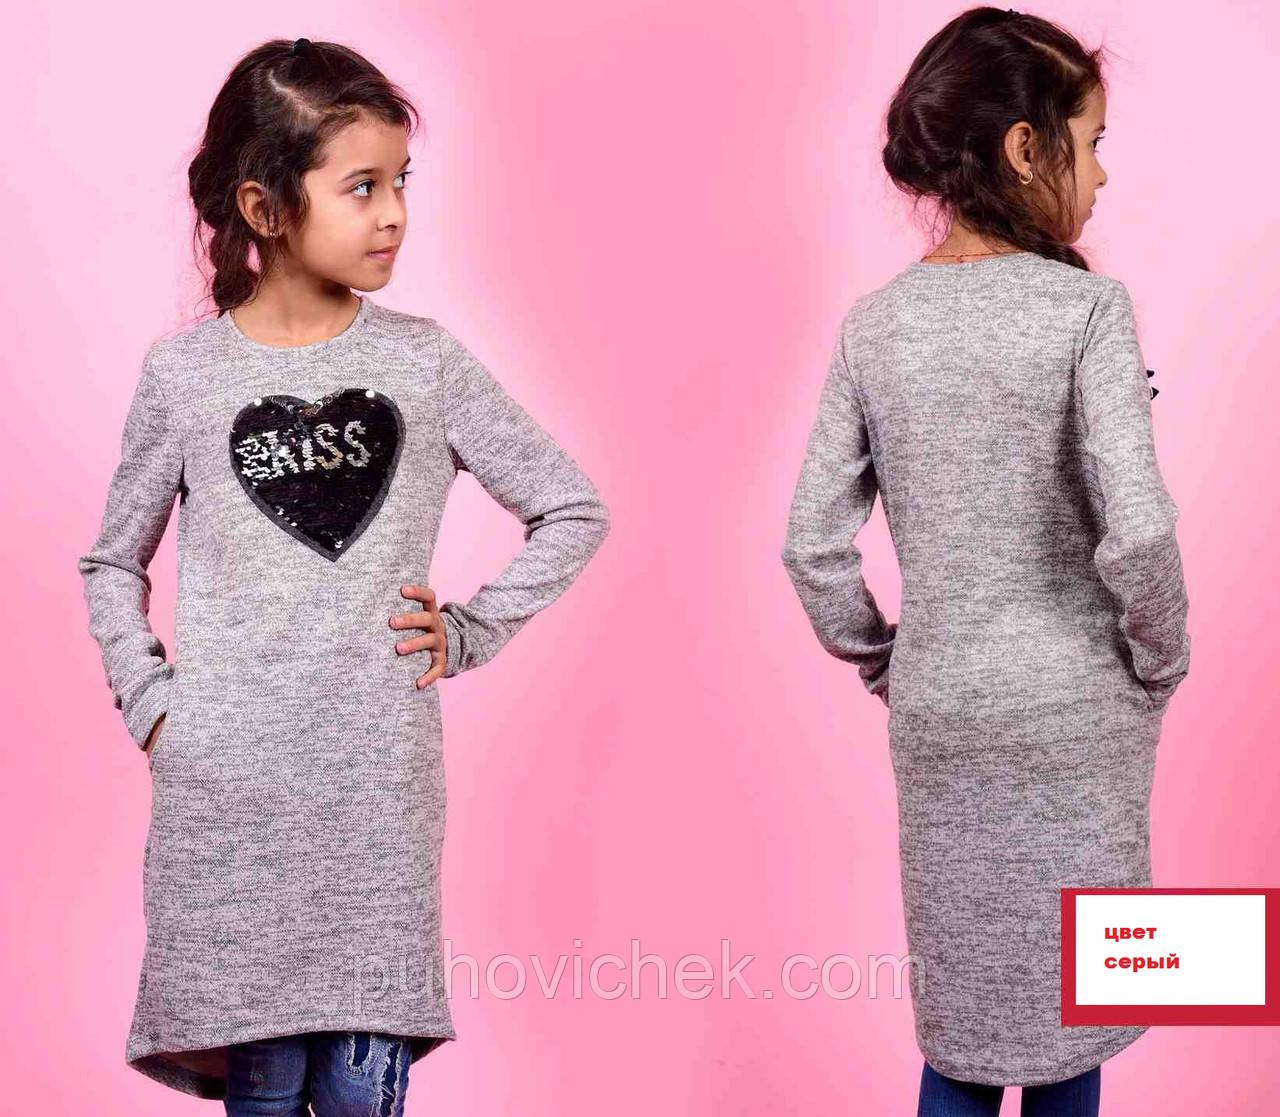 f5db5479070 Детское платье туника с длинным рукавом паетки - Интернет магазин Линия  одежды в Харькове